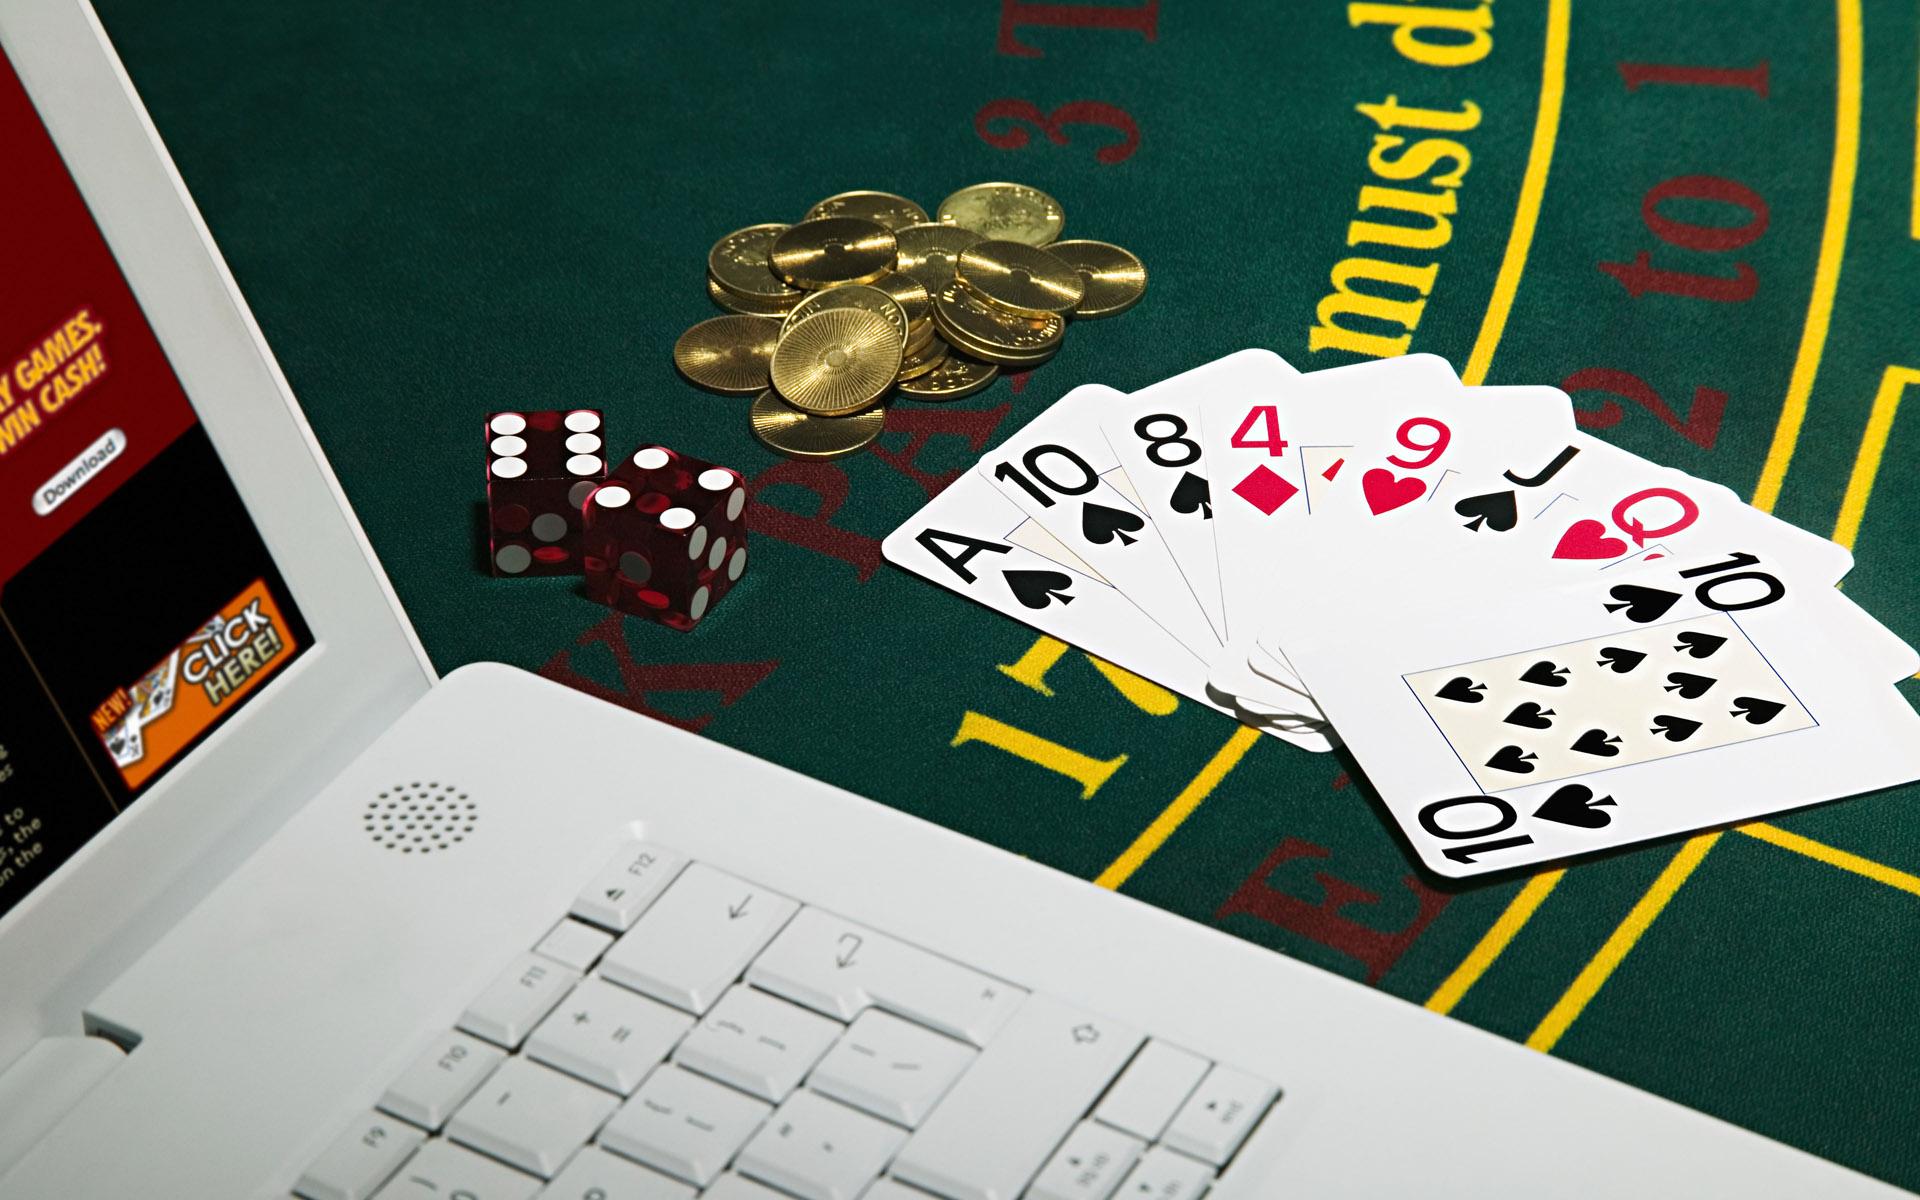 Как функционируют интернет казино игровые слот автоматы бесплатно